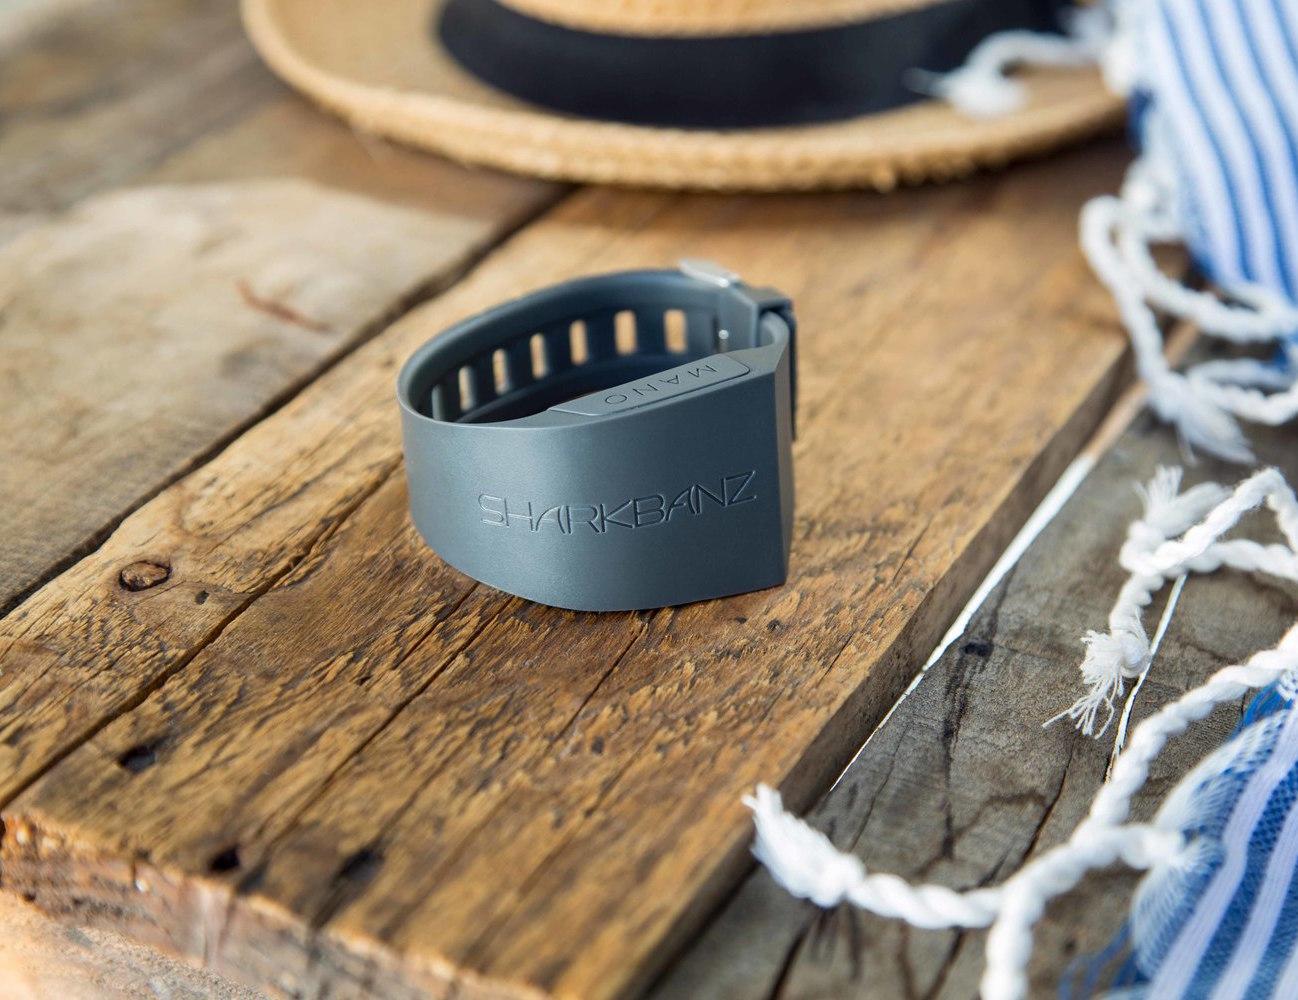 sharkbanz-shark-deterrent-wristband-by-mano-01